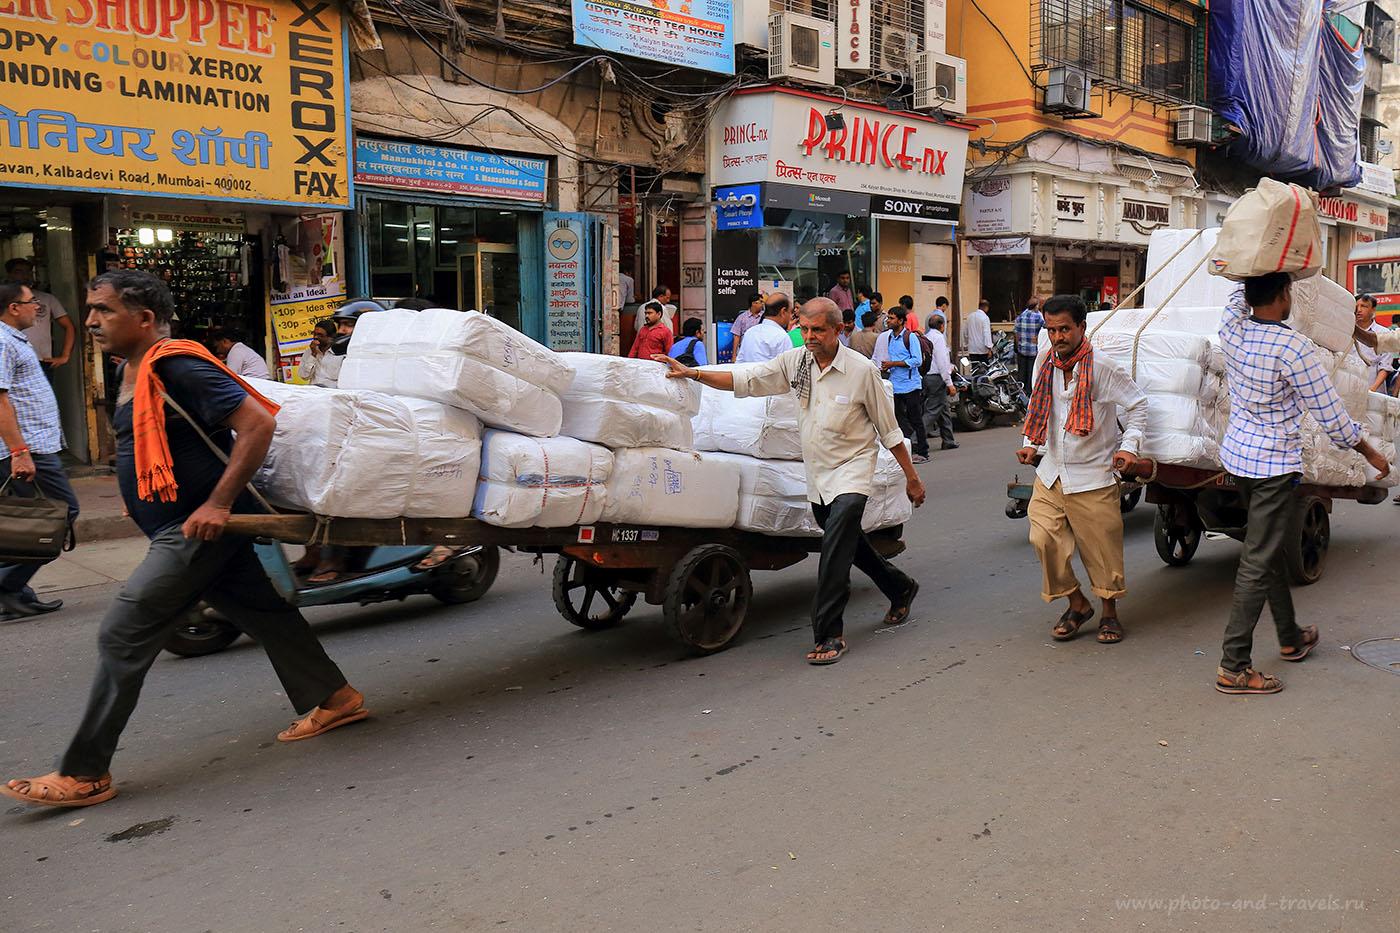 Фотография 7. Грузчики в Мумбаи. Отдых в Индии. Отчеты туристов. (24-70, 1/160, 0eV, f8, 24 mm, ISO 640)